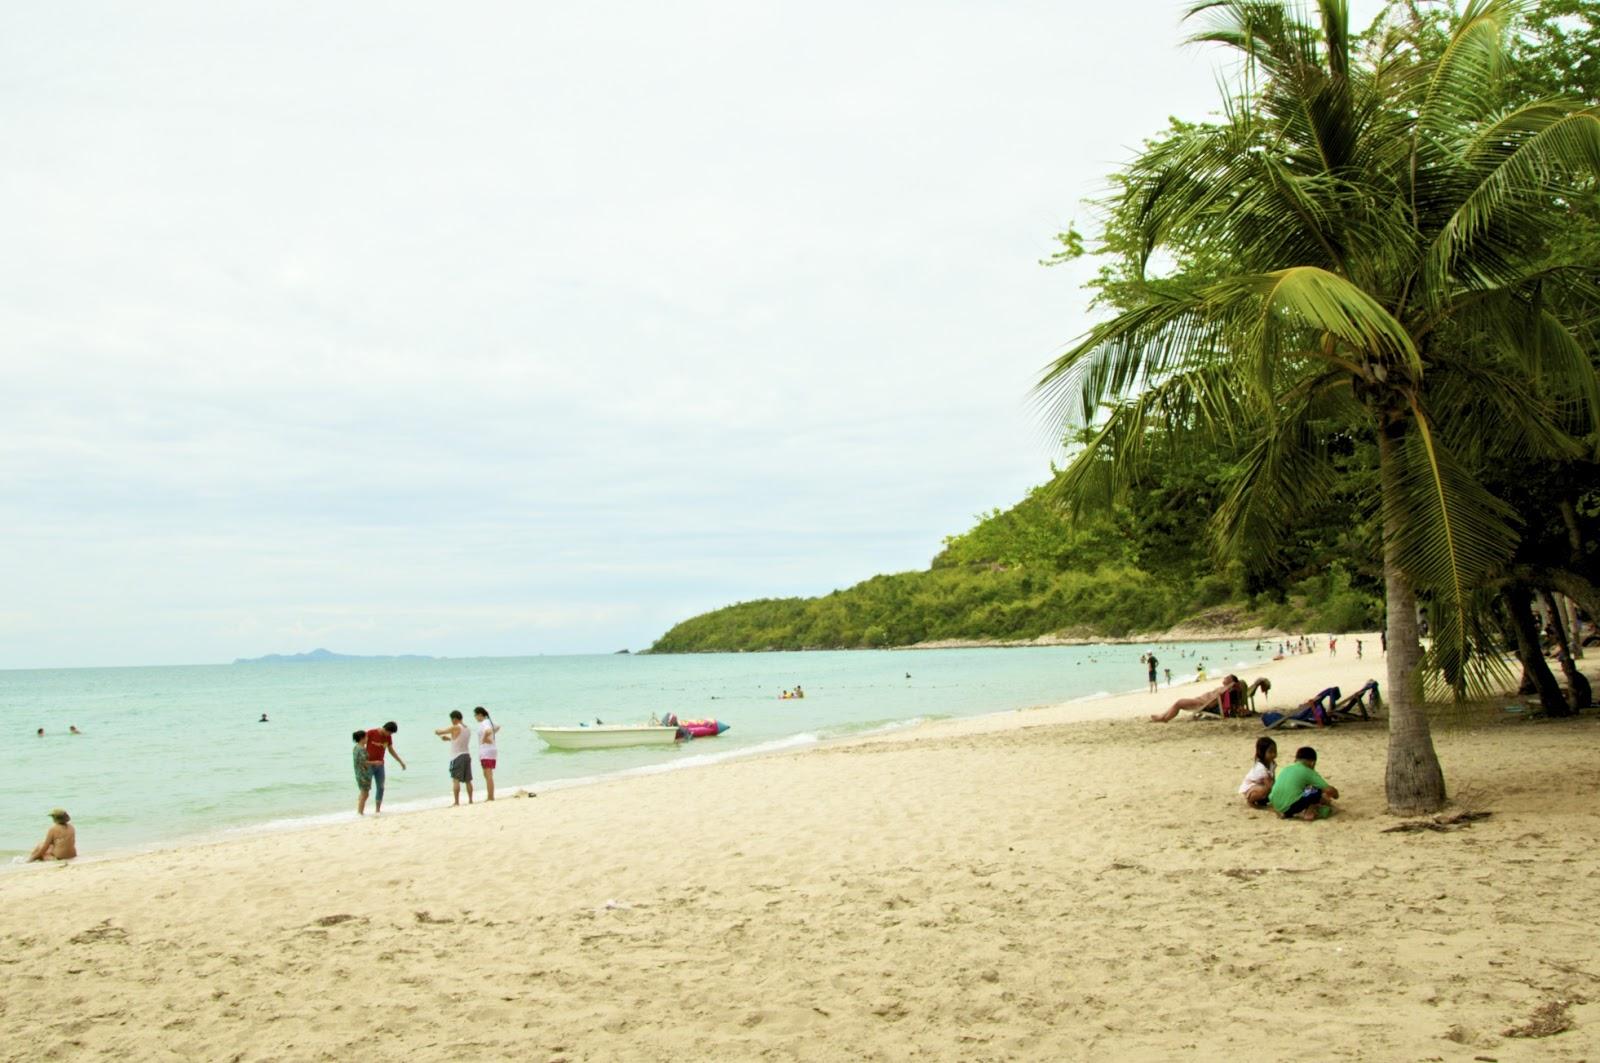 Семьями на пляже 17 фотография